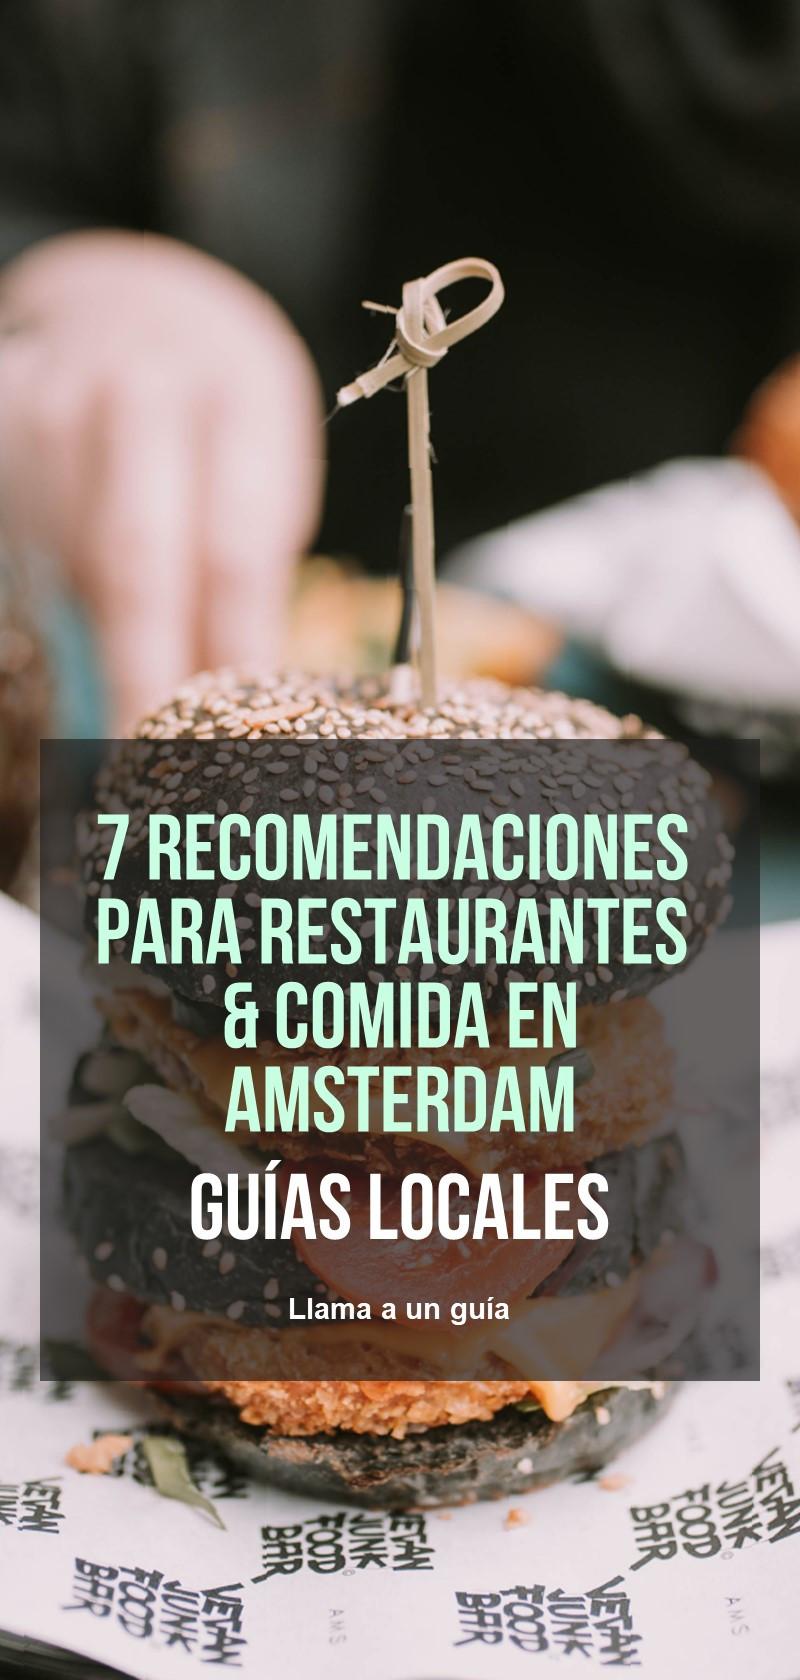 Restaurantes y comida en Amsterdam